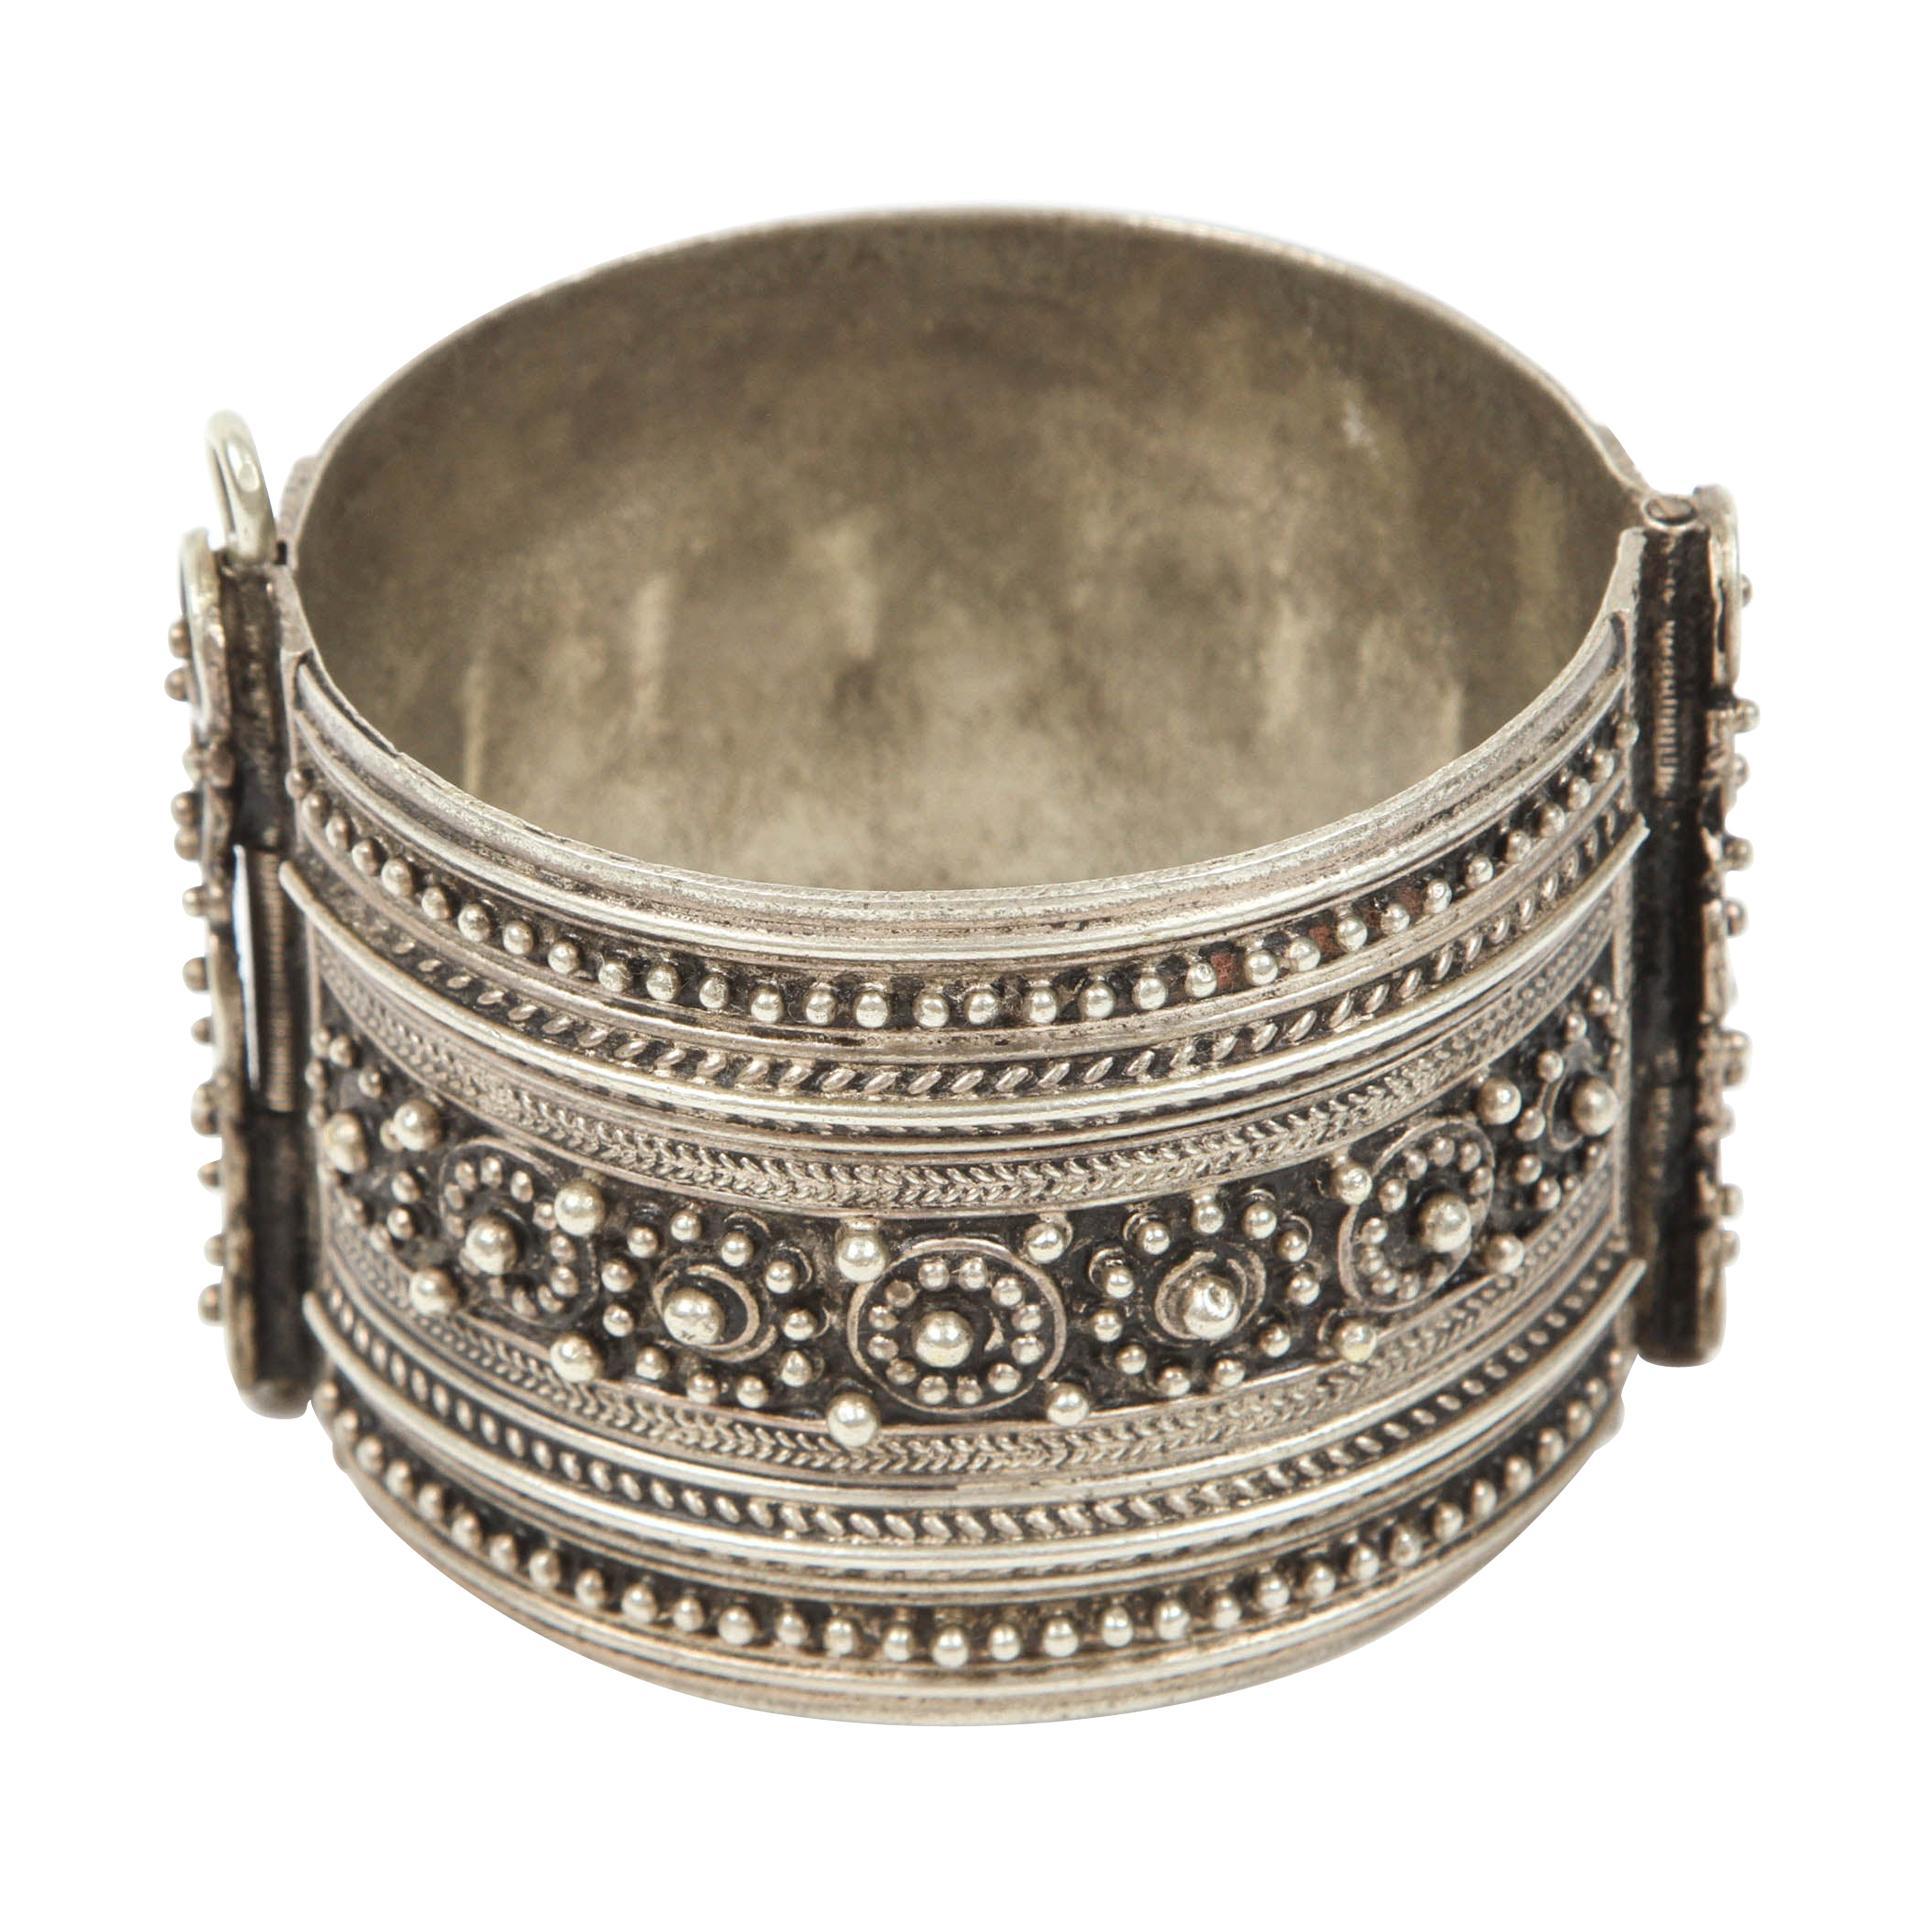 Moroccan Berber Tribal Silver Cuff